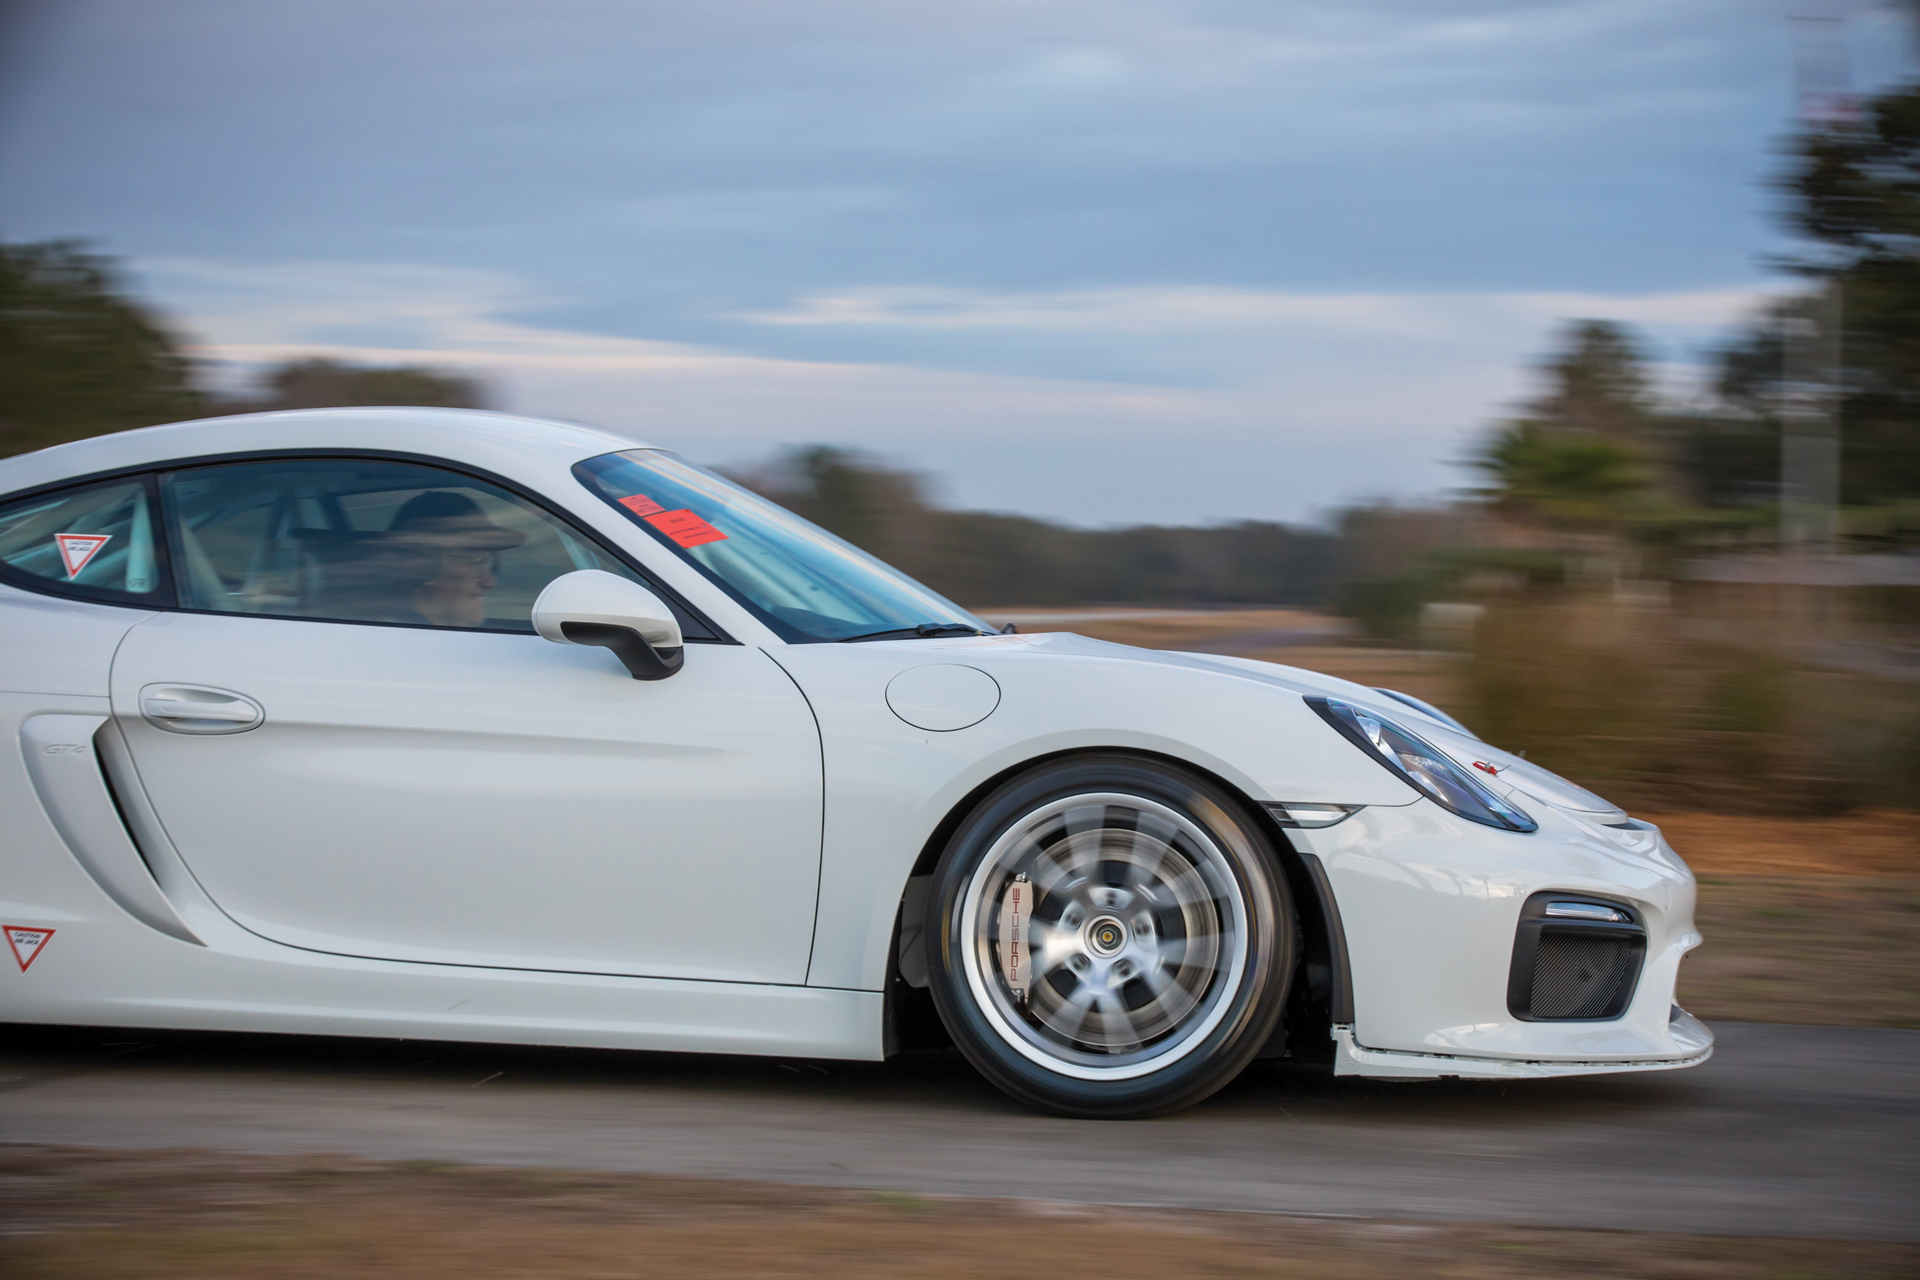 2018 RM - 2016 Porsche Cayman GT4 Clubsport 044A - Deremer Studi